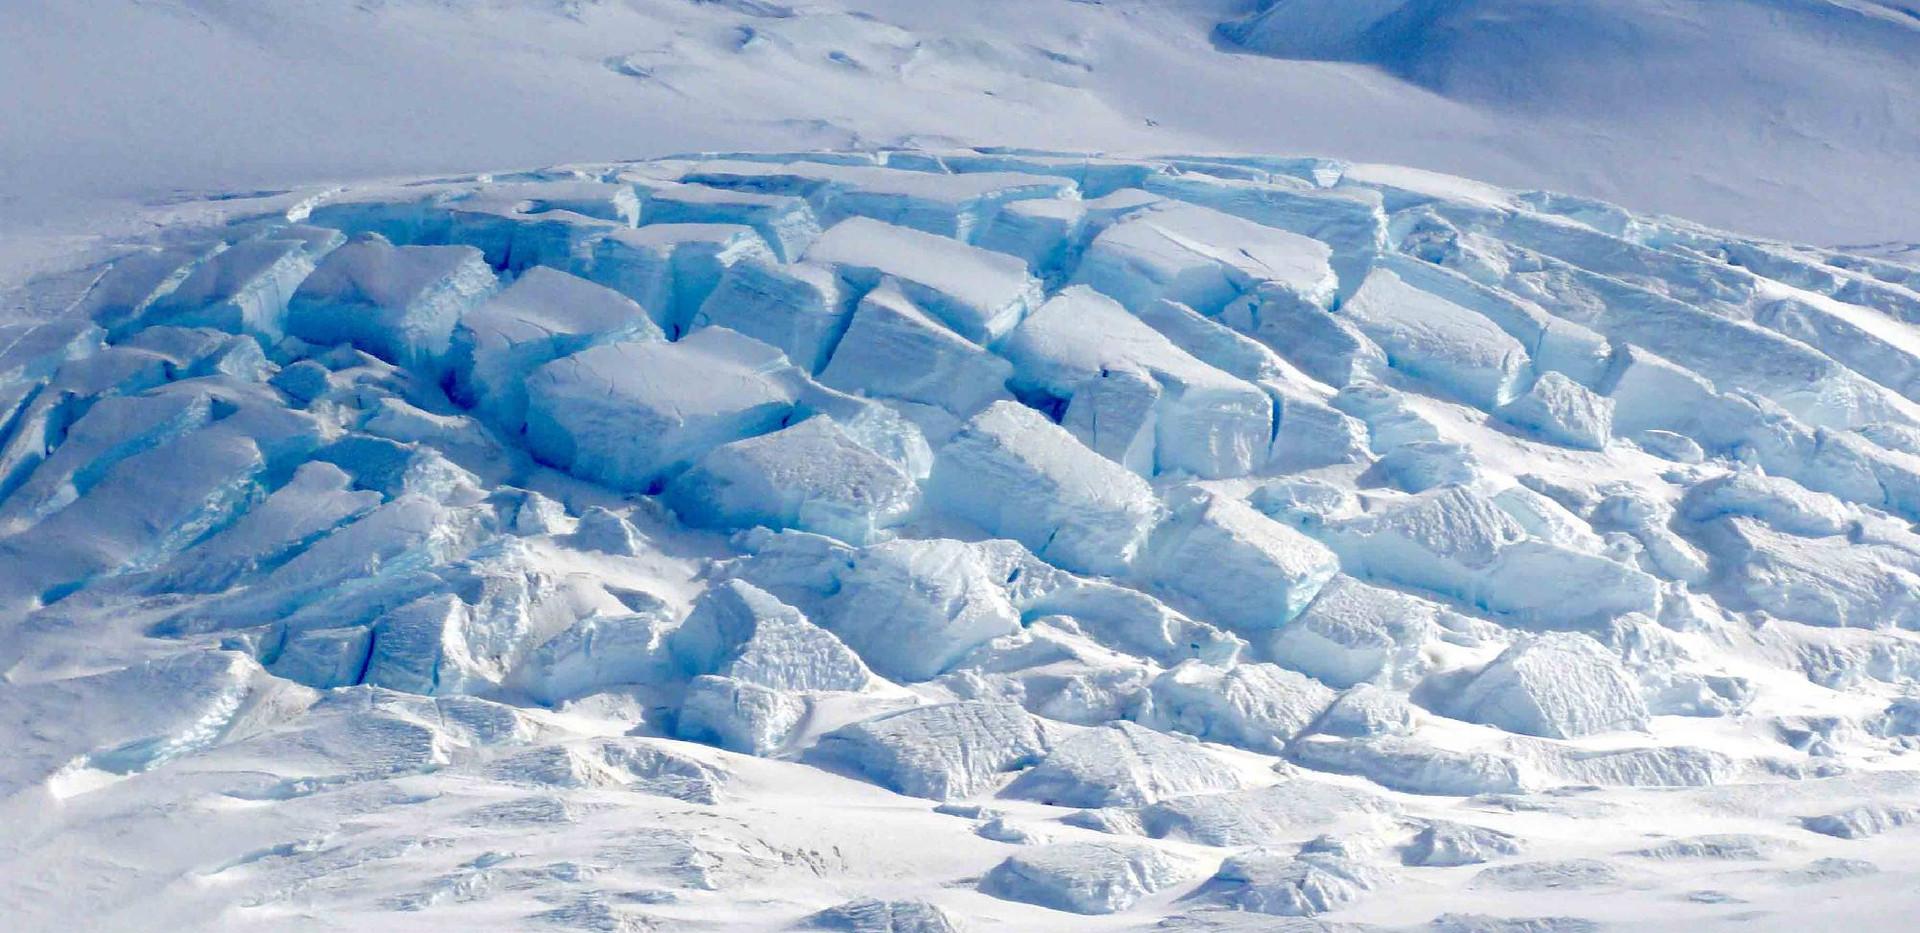 Glacial blocks.